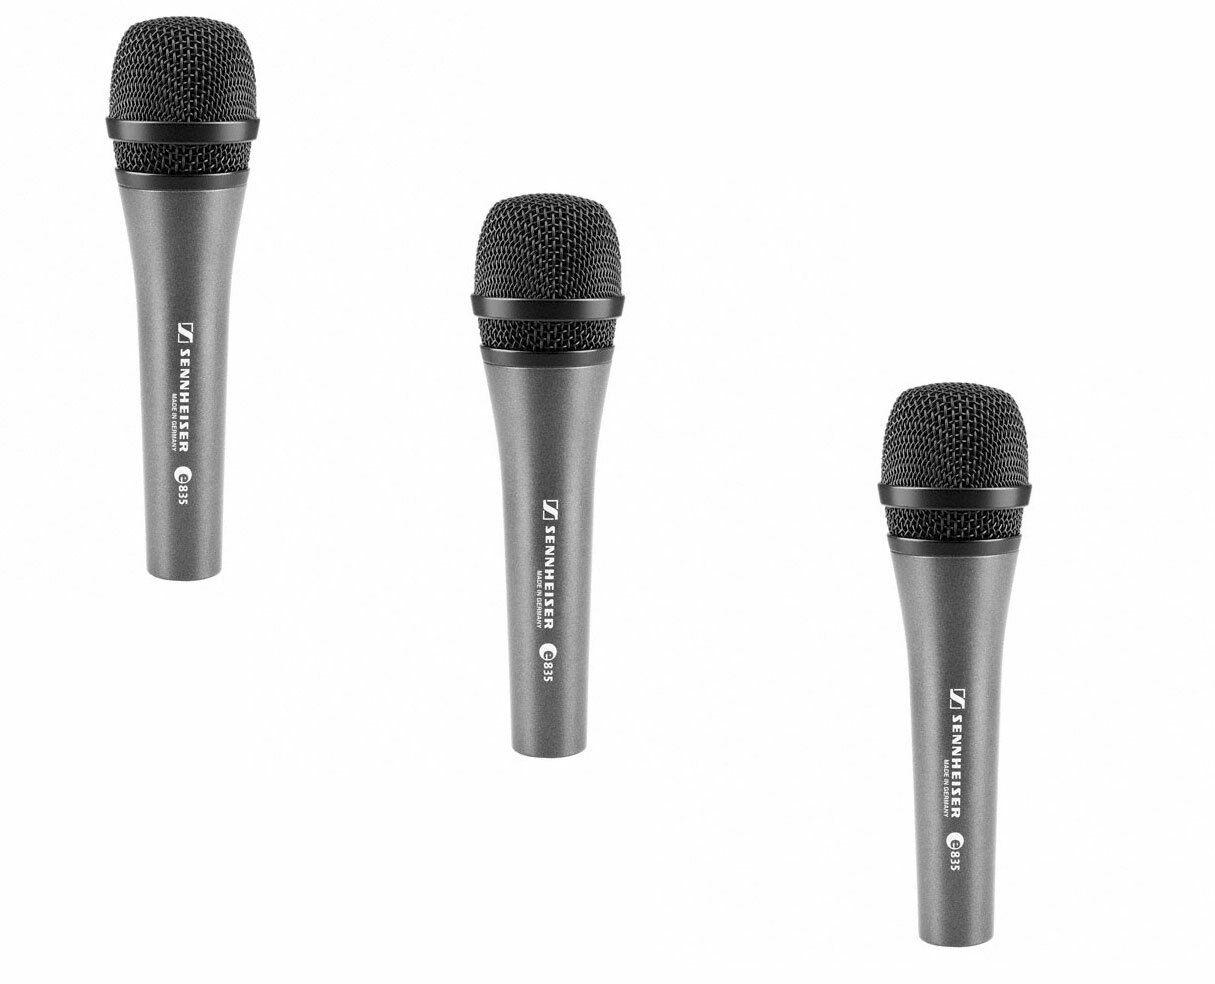 Sennheiser e 835 3-Pack Dynamic Cardioid Vocal Microphone PROAUDIOSTAR